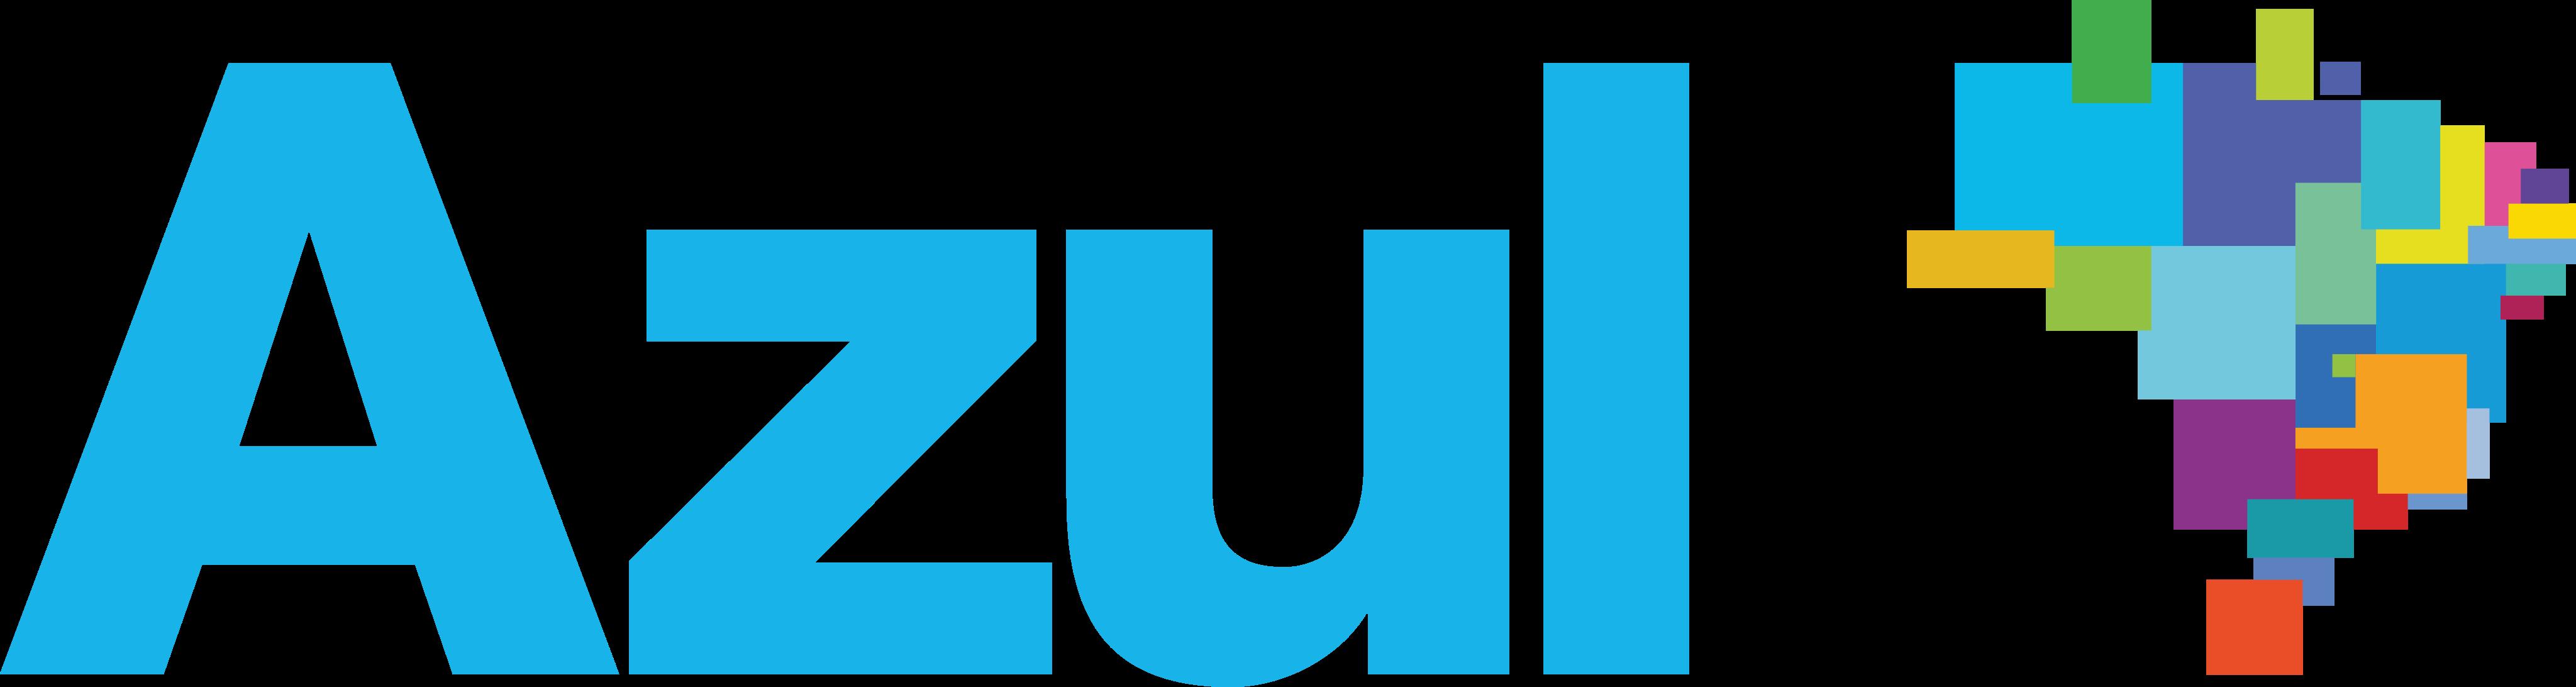 azul logo 02 - Azul Logo - Azul Linhas Aéreas Logo